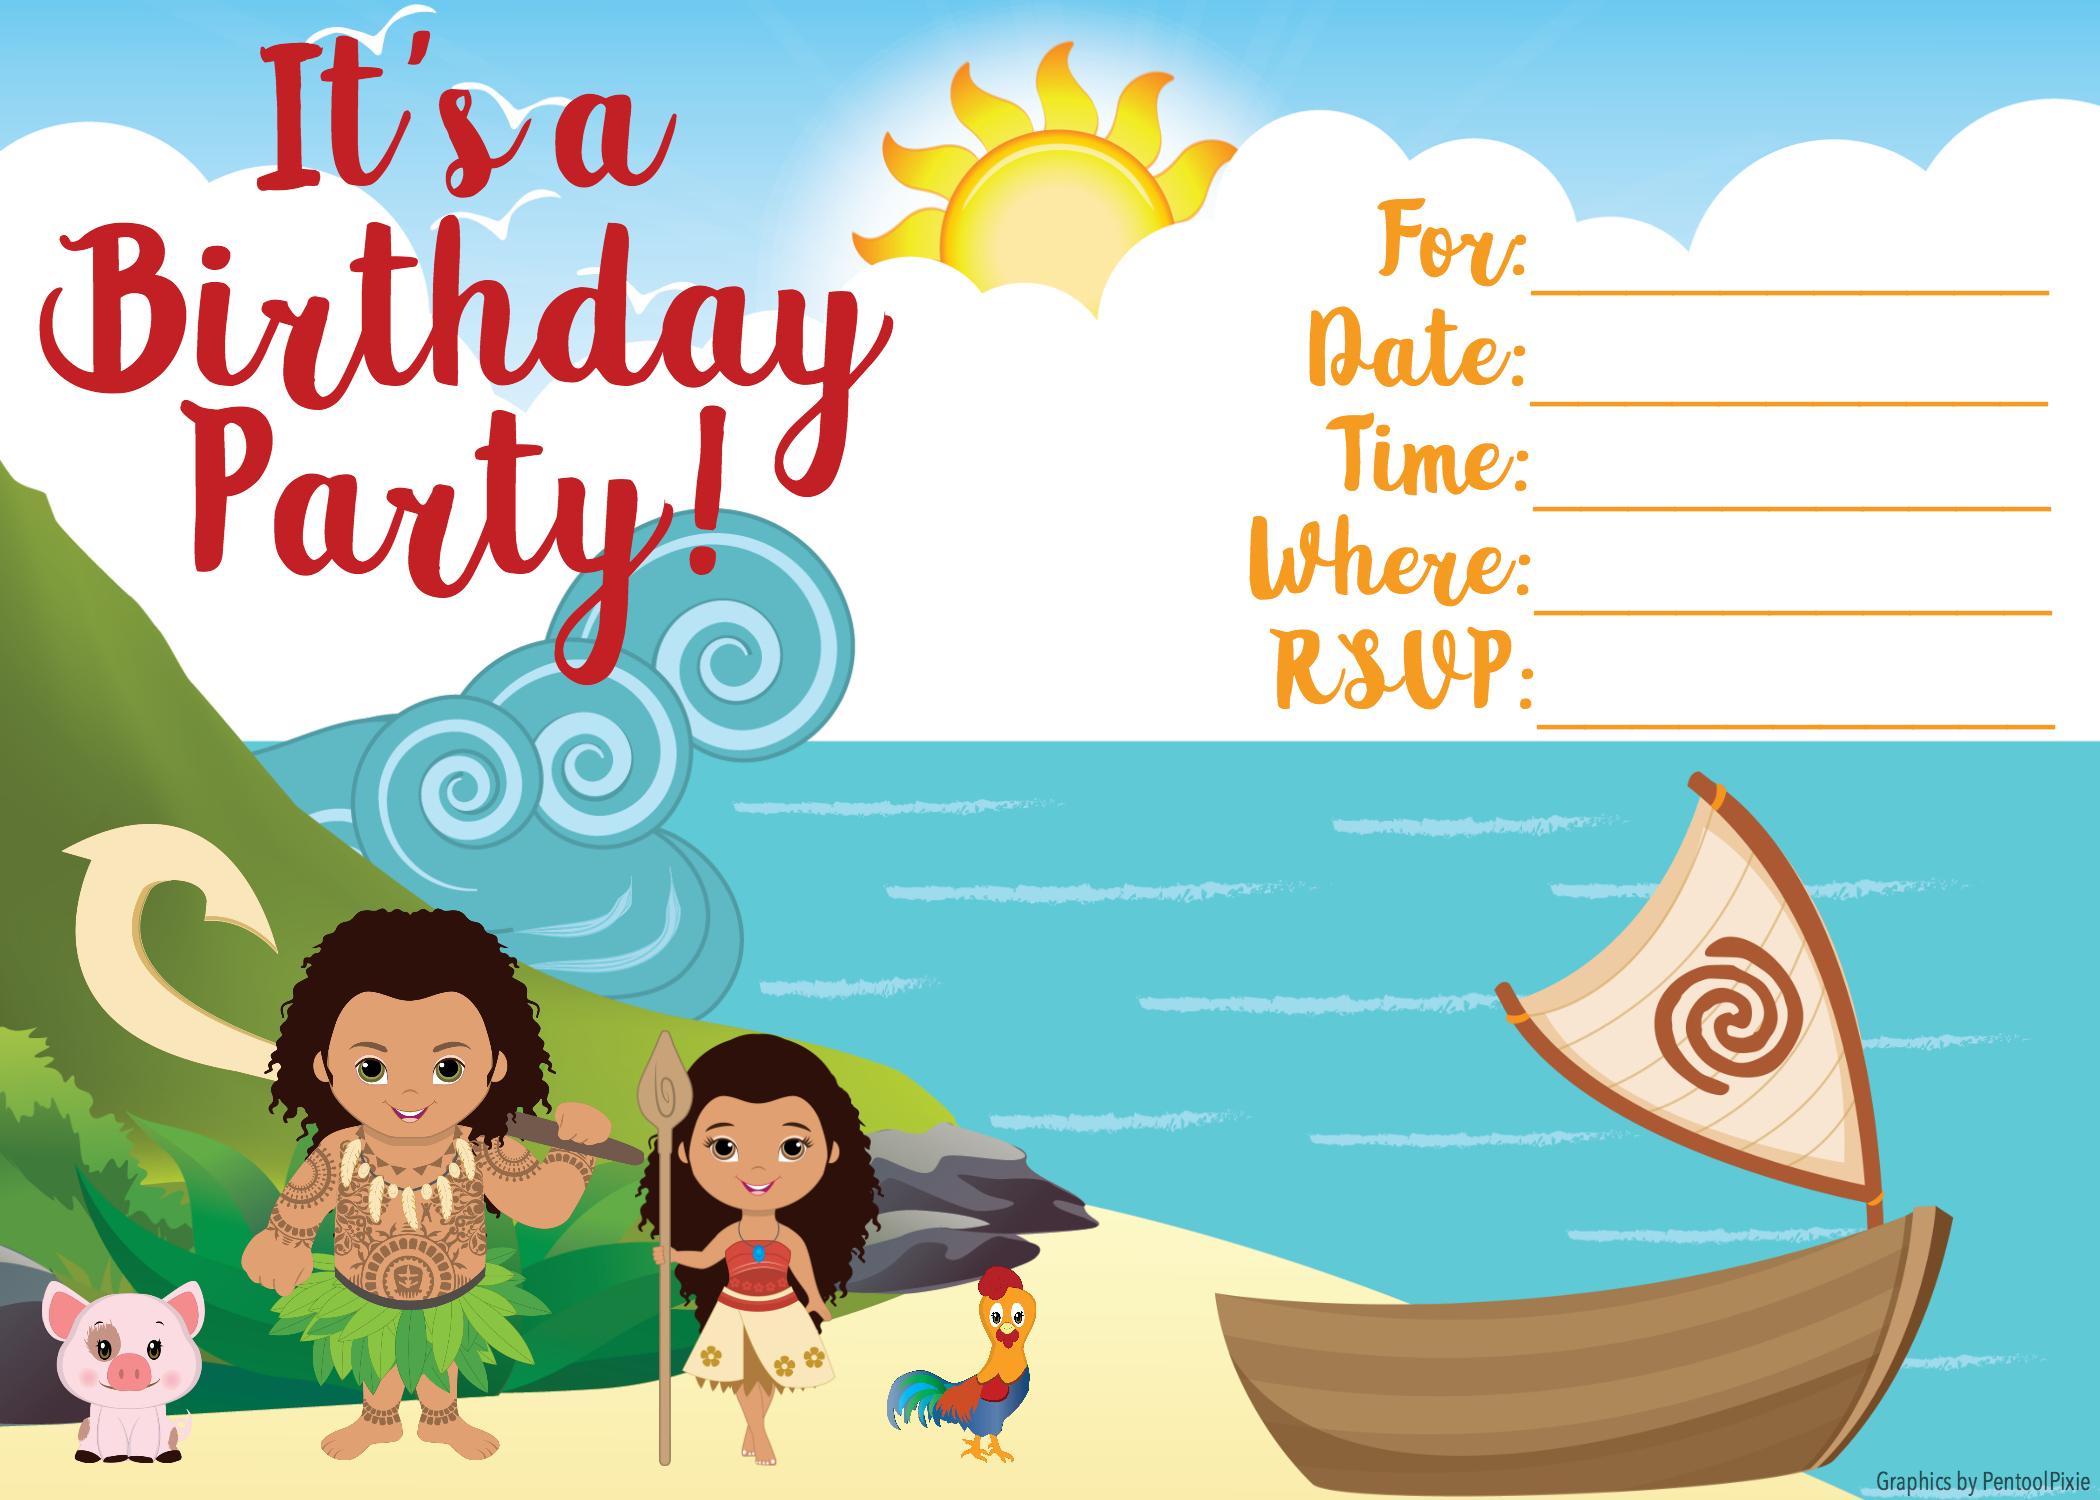 Moana Invitations Fresh Free Printable Moana Birthday Invitations - Free Printable Moana Birthday Invitations